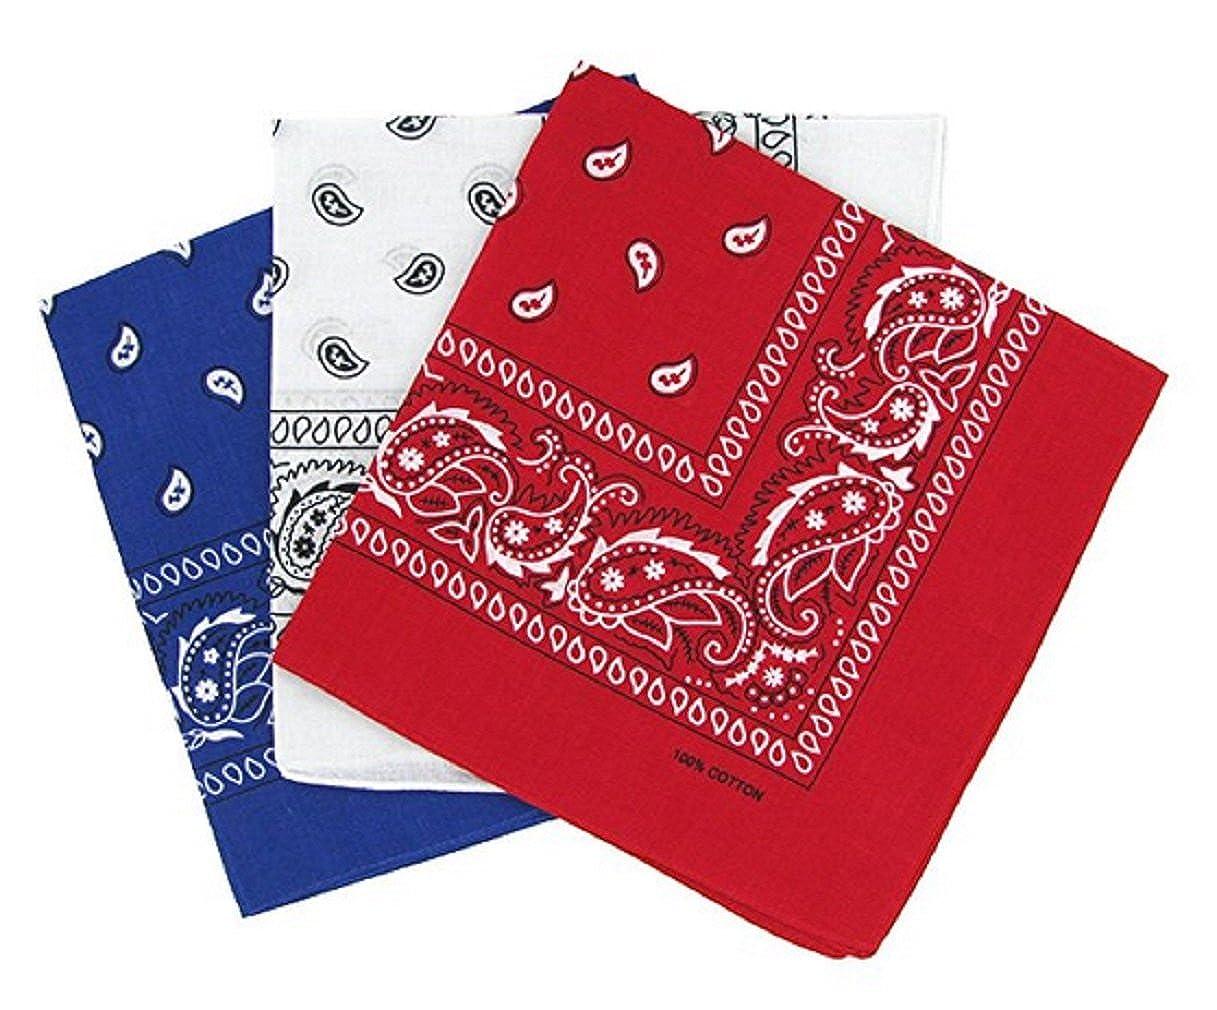 PURECITY© Bandana Original Paisley Motif Cachemire Foulard Pur Coton  Qualité Supérieure Vendu par Lot - a55c172fe66